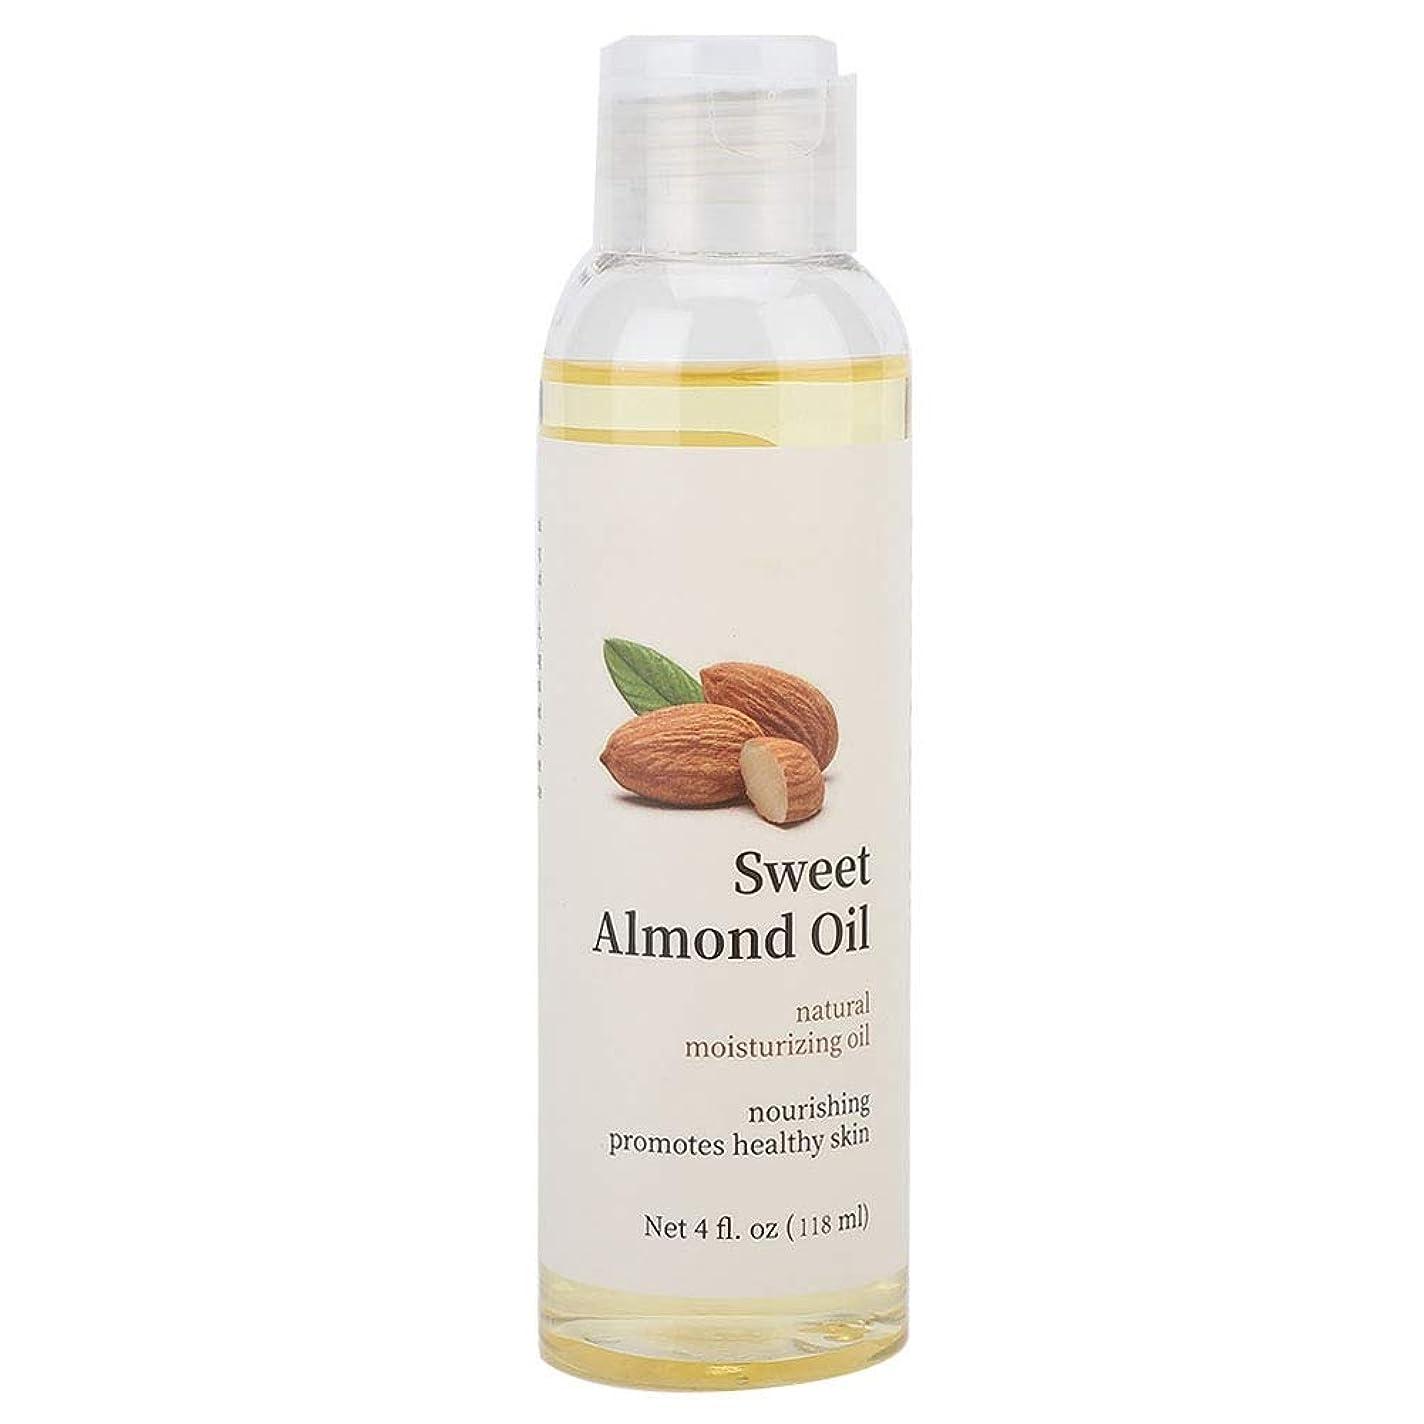 ディスクピンクわがままアーモンド ボディマッサージオイル、スキンケアエッセンシャルオイル保湿 スキンケアとヘアケアに最適、肌と顔の柔らかさ、男性と女性の両方に最適118ml